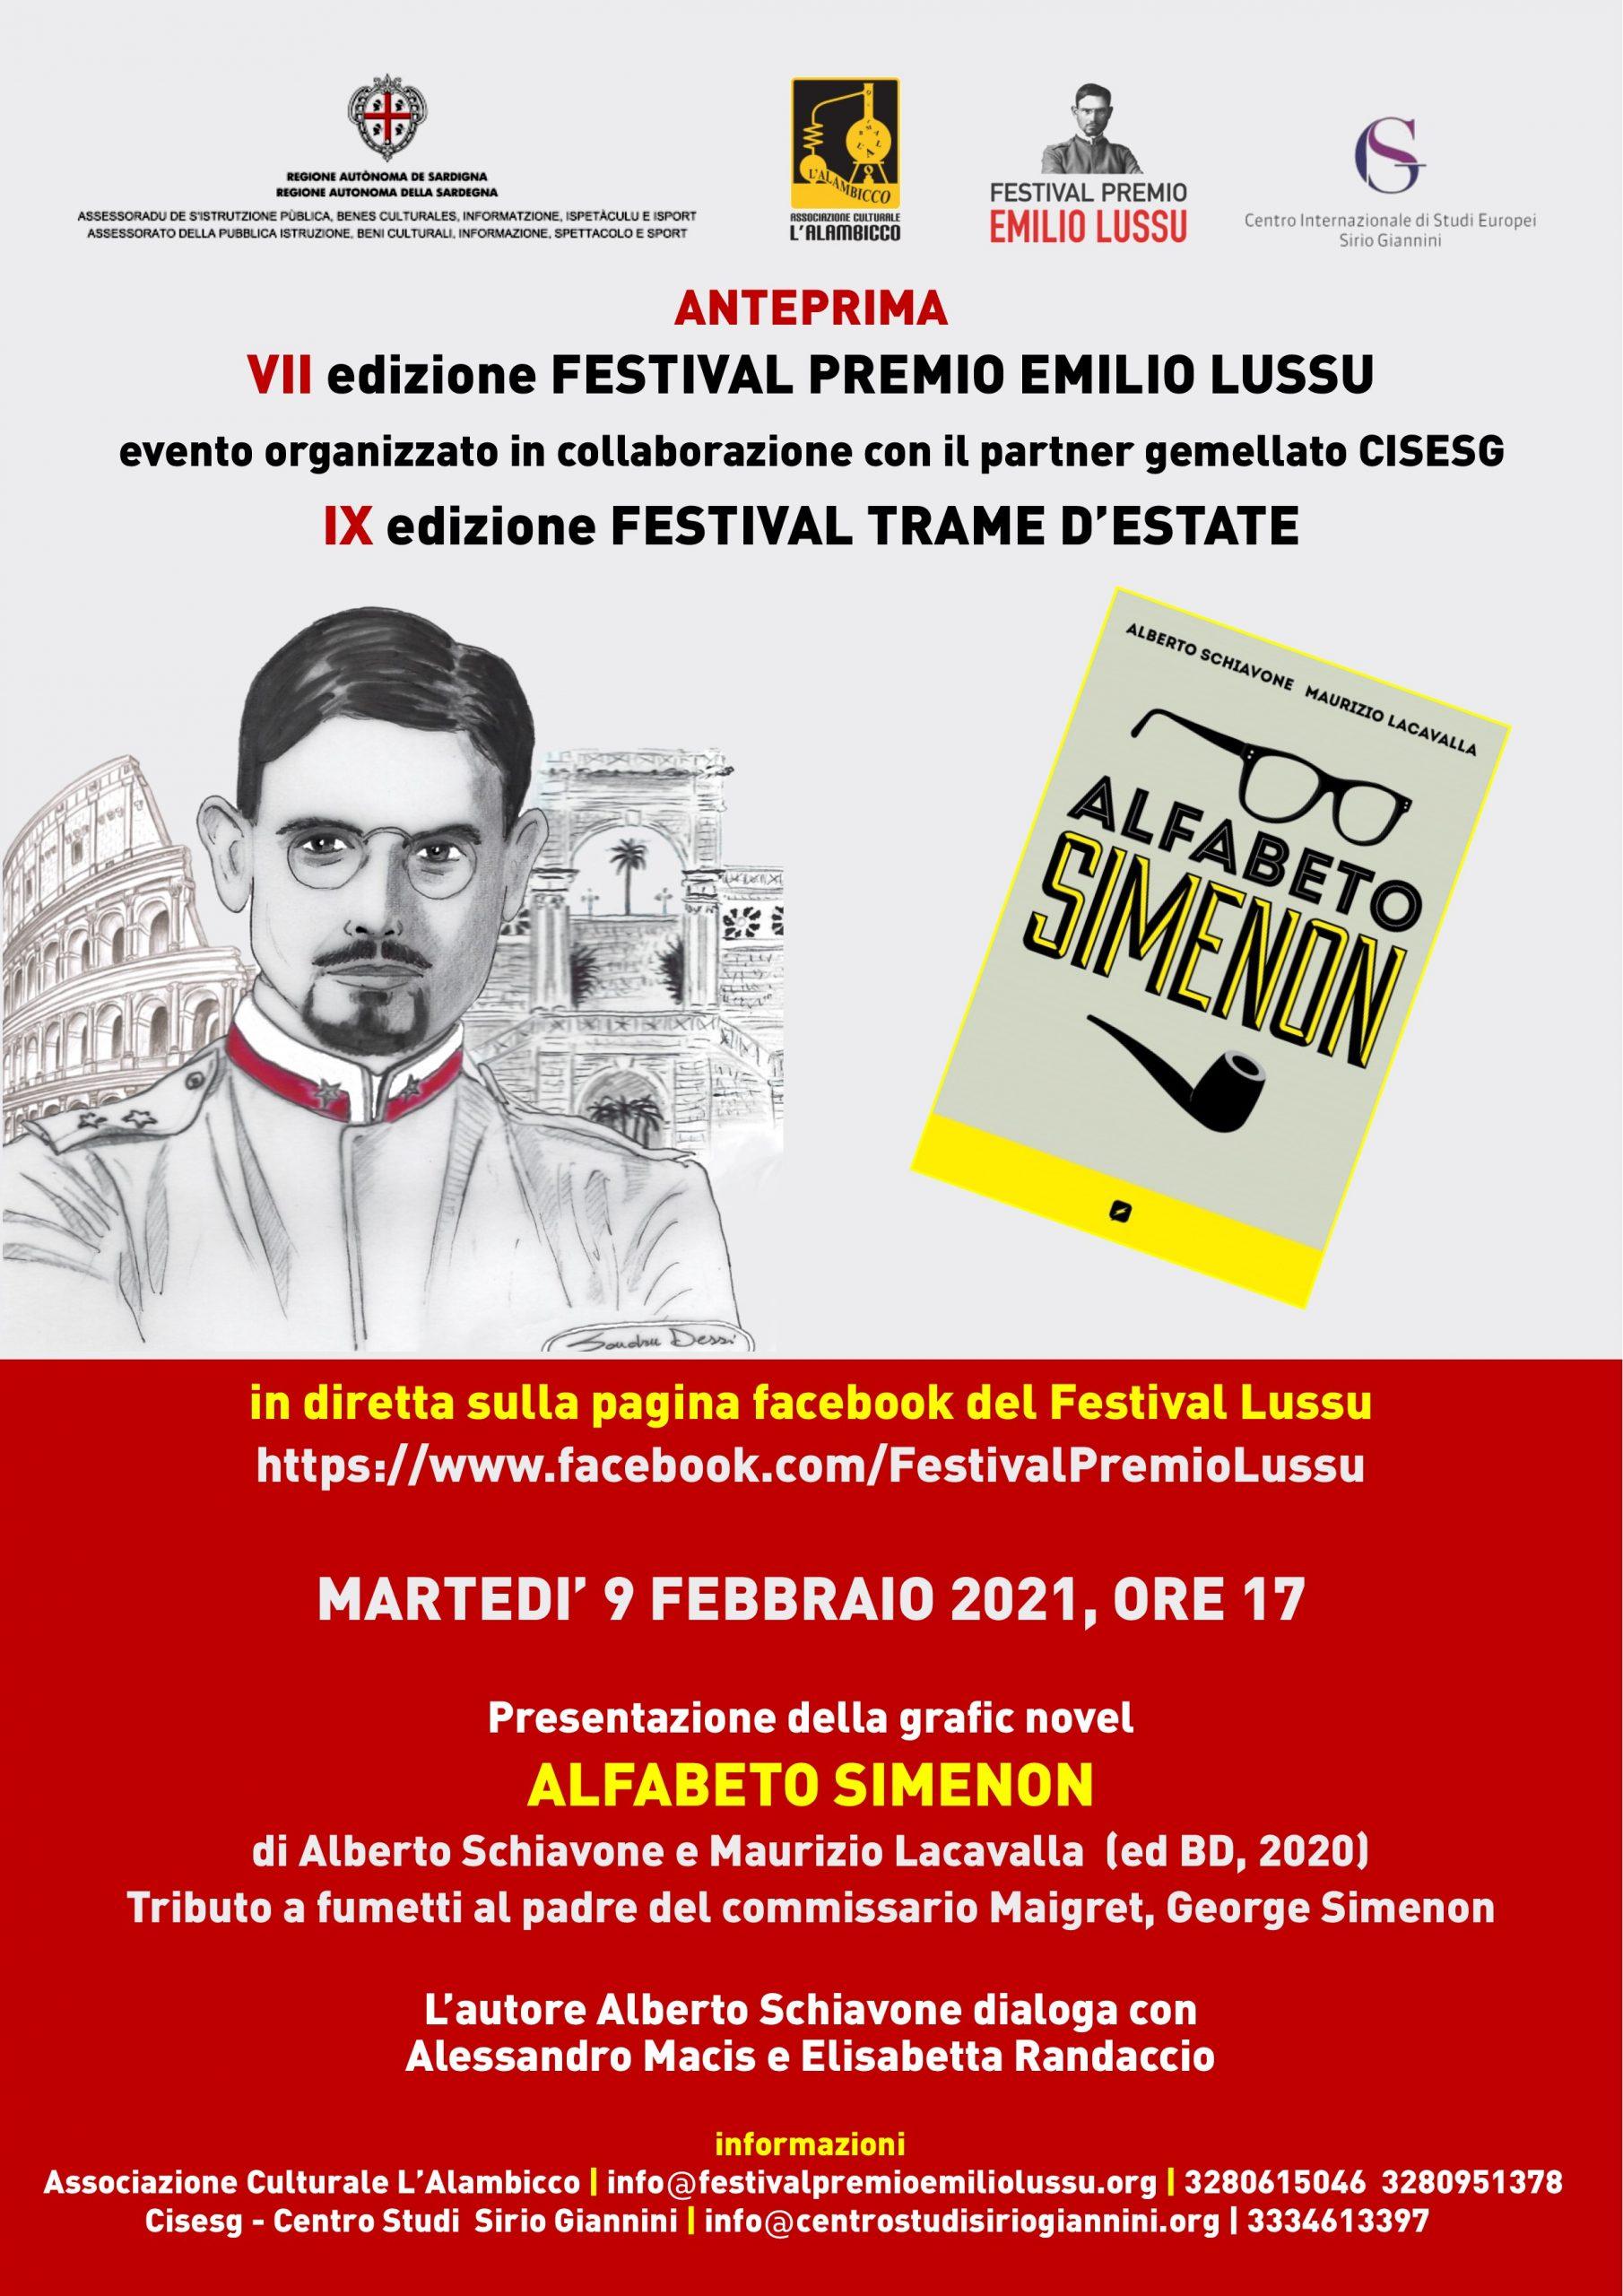 """All'anteprima del Festival Premio Emilio Lussu 2021, """"Alfabeto Simenon"""" di Alberto Schiavone"""